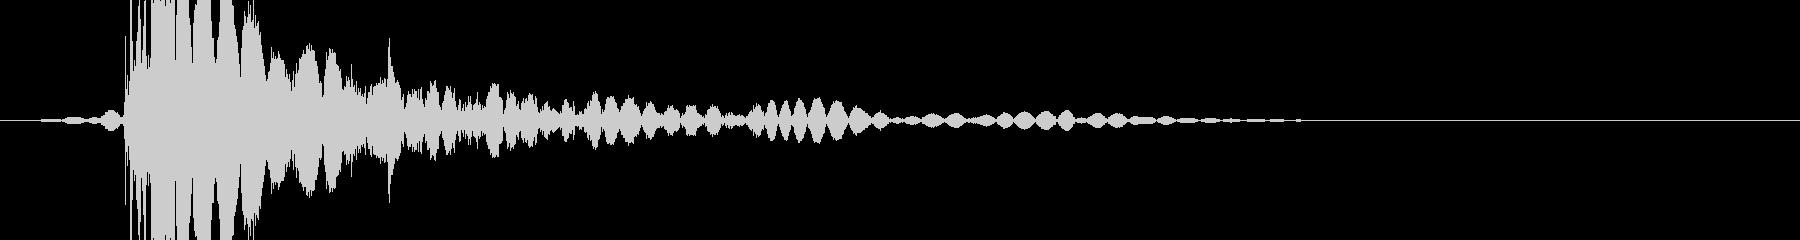 「ドスっ!」キック・蹴る2の未再生の波形